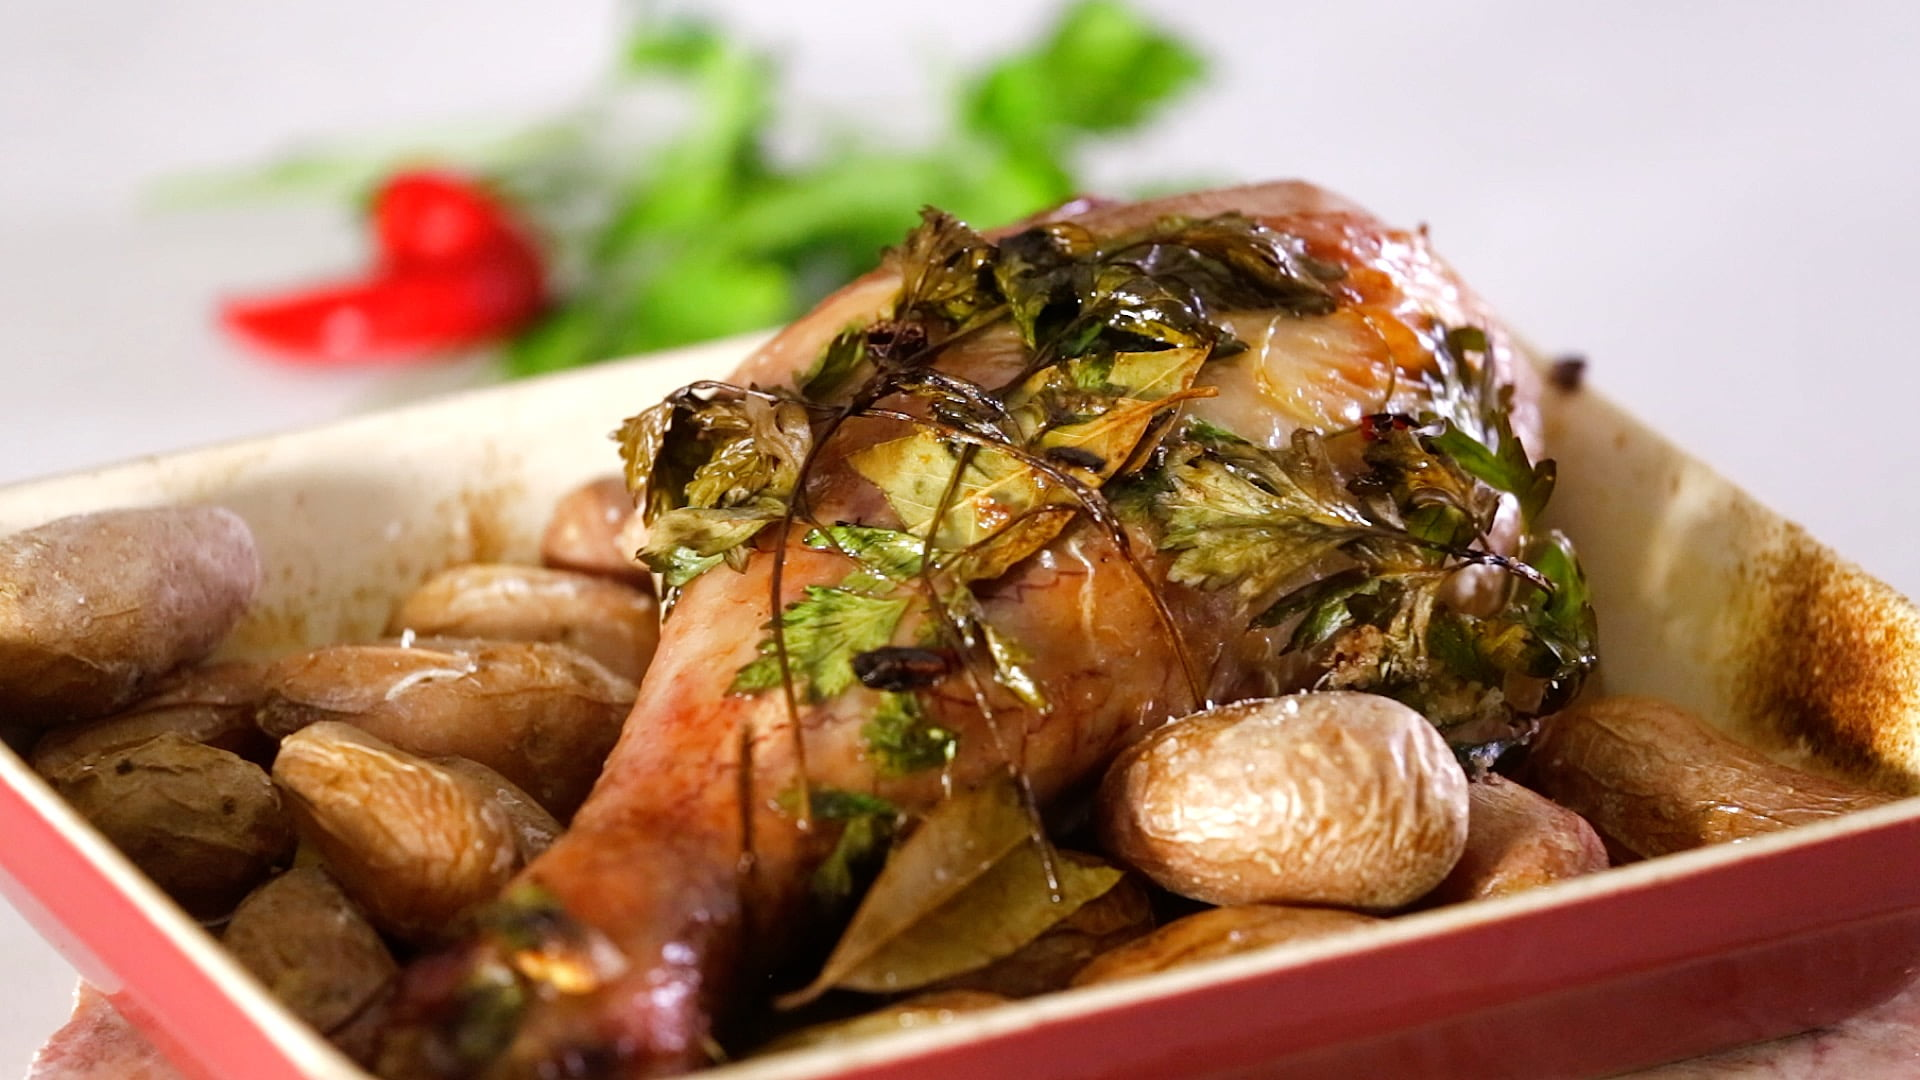 Perna de peru assada no forno com batatas